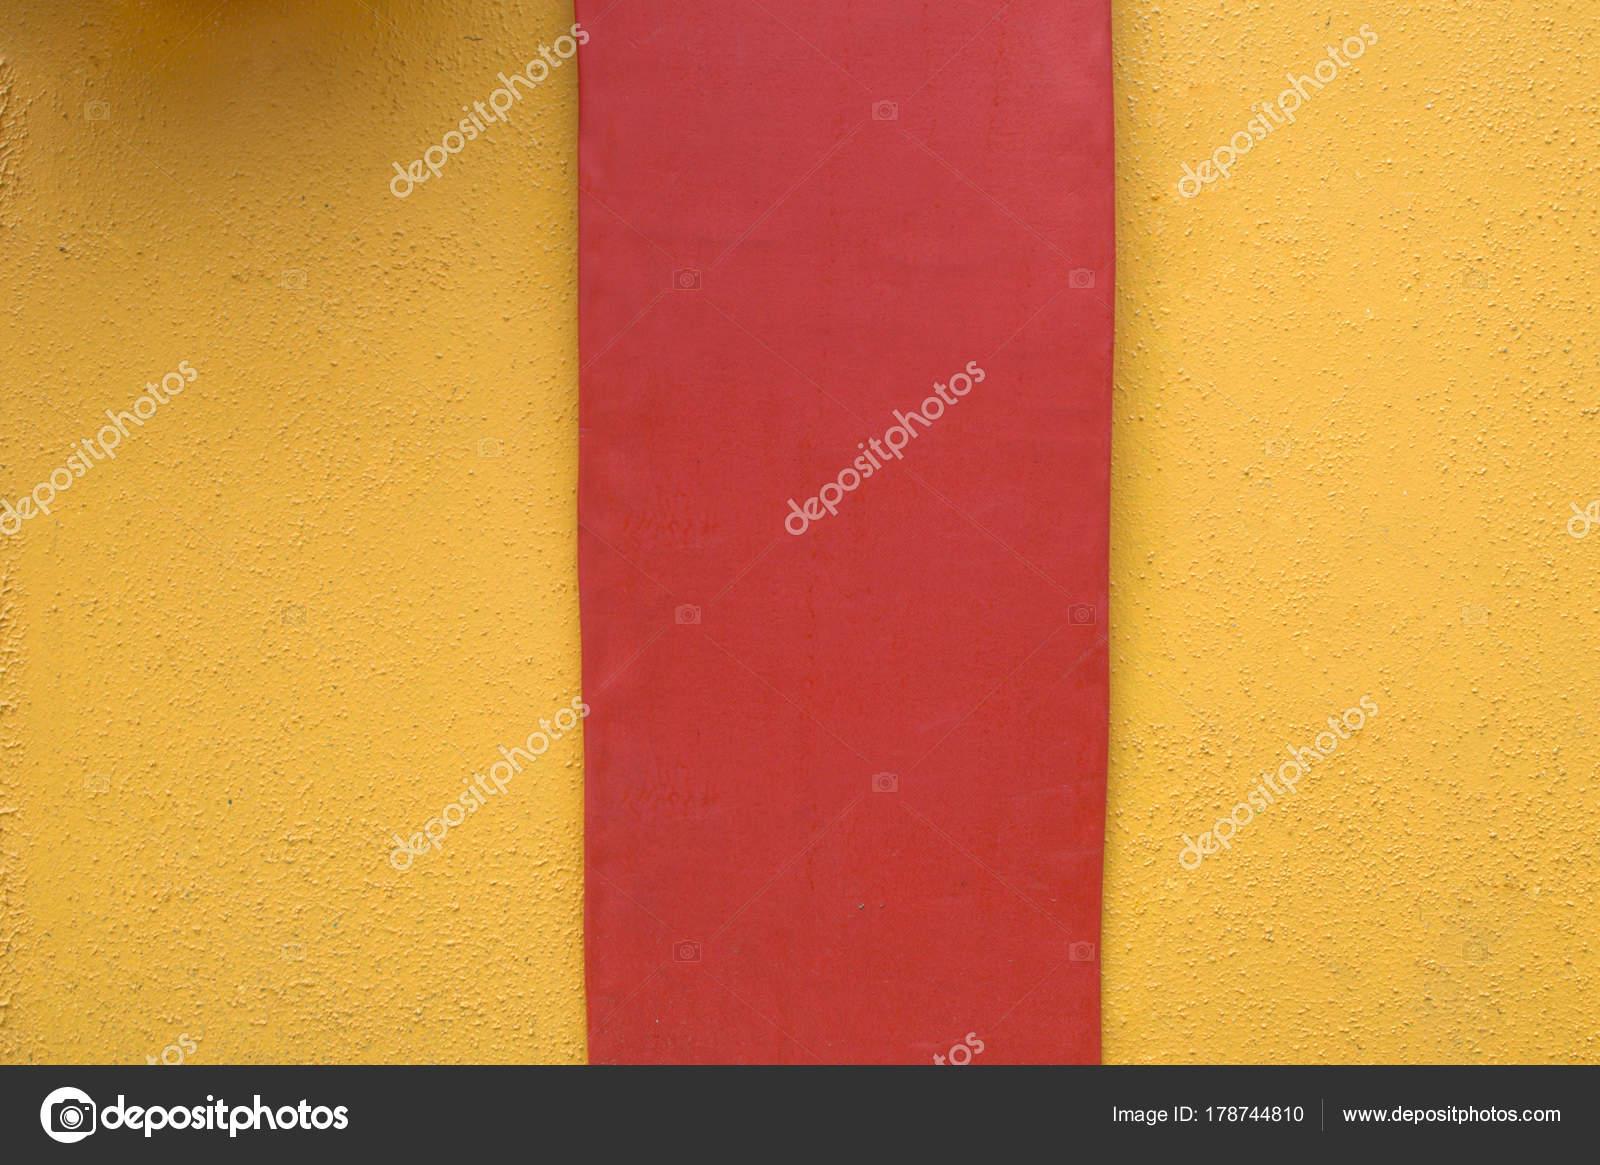 Immagini Sfondi Fantasia Gialli Sfondo Fantasia Rosso Giallo